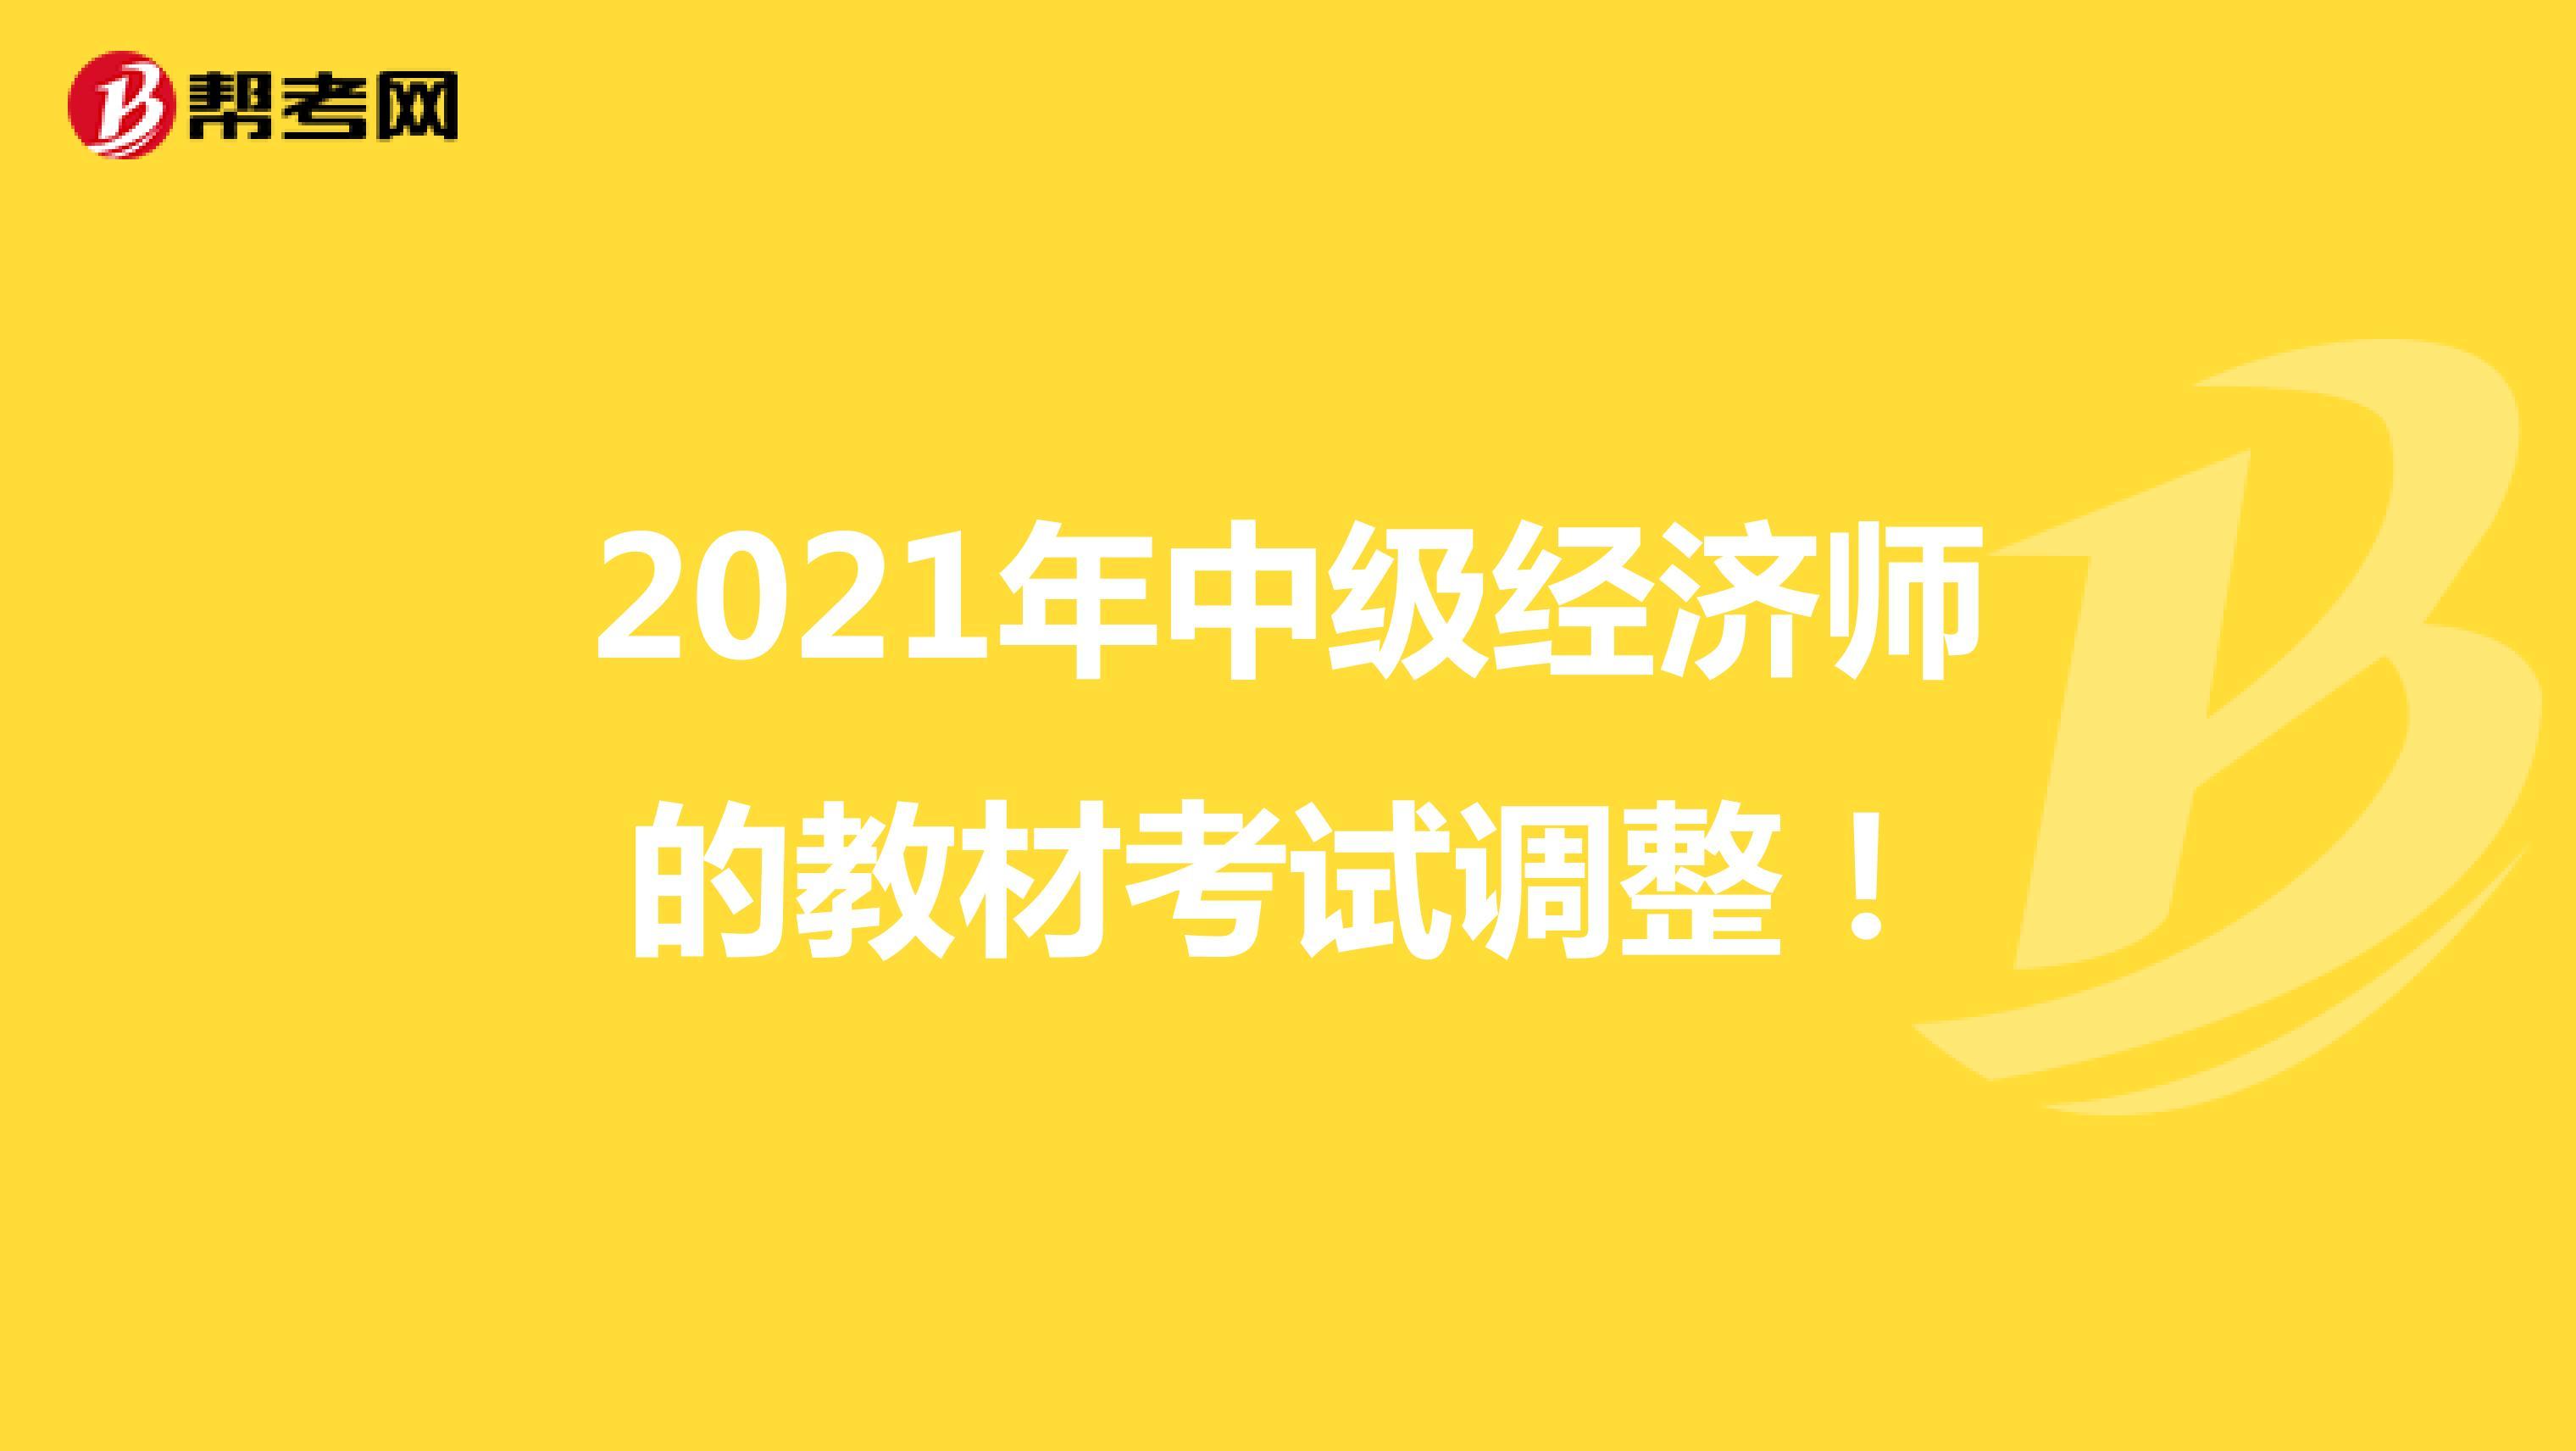 2021年中級經濟師的教材考試調整!